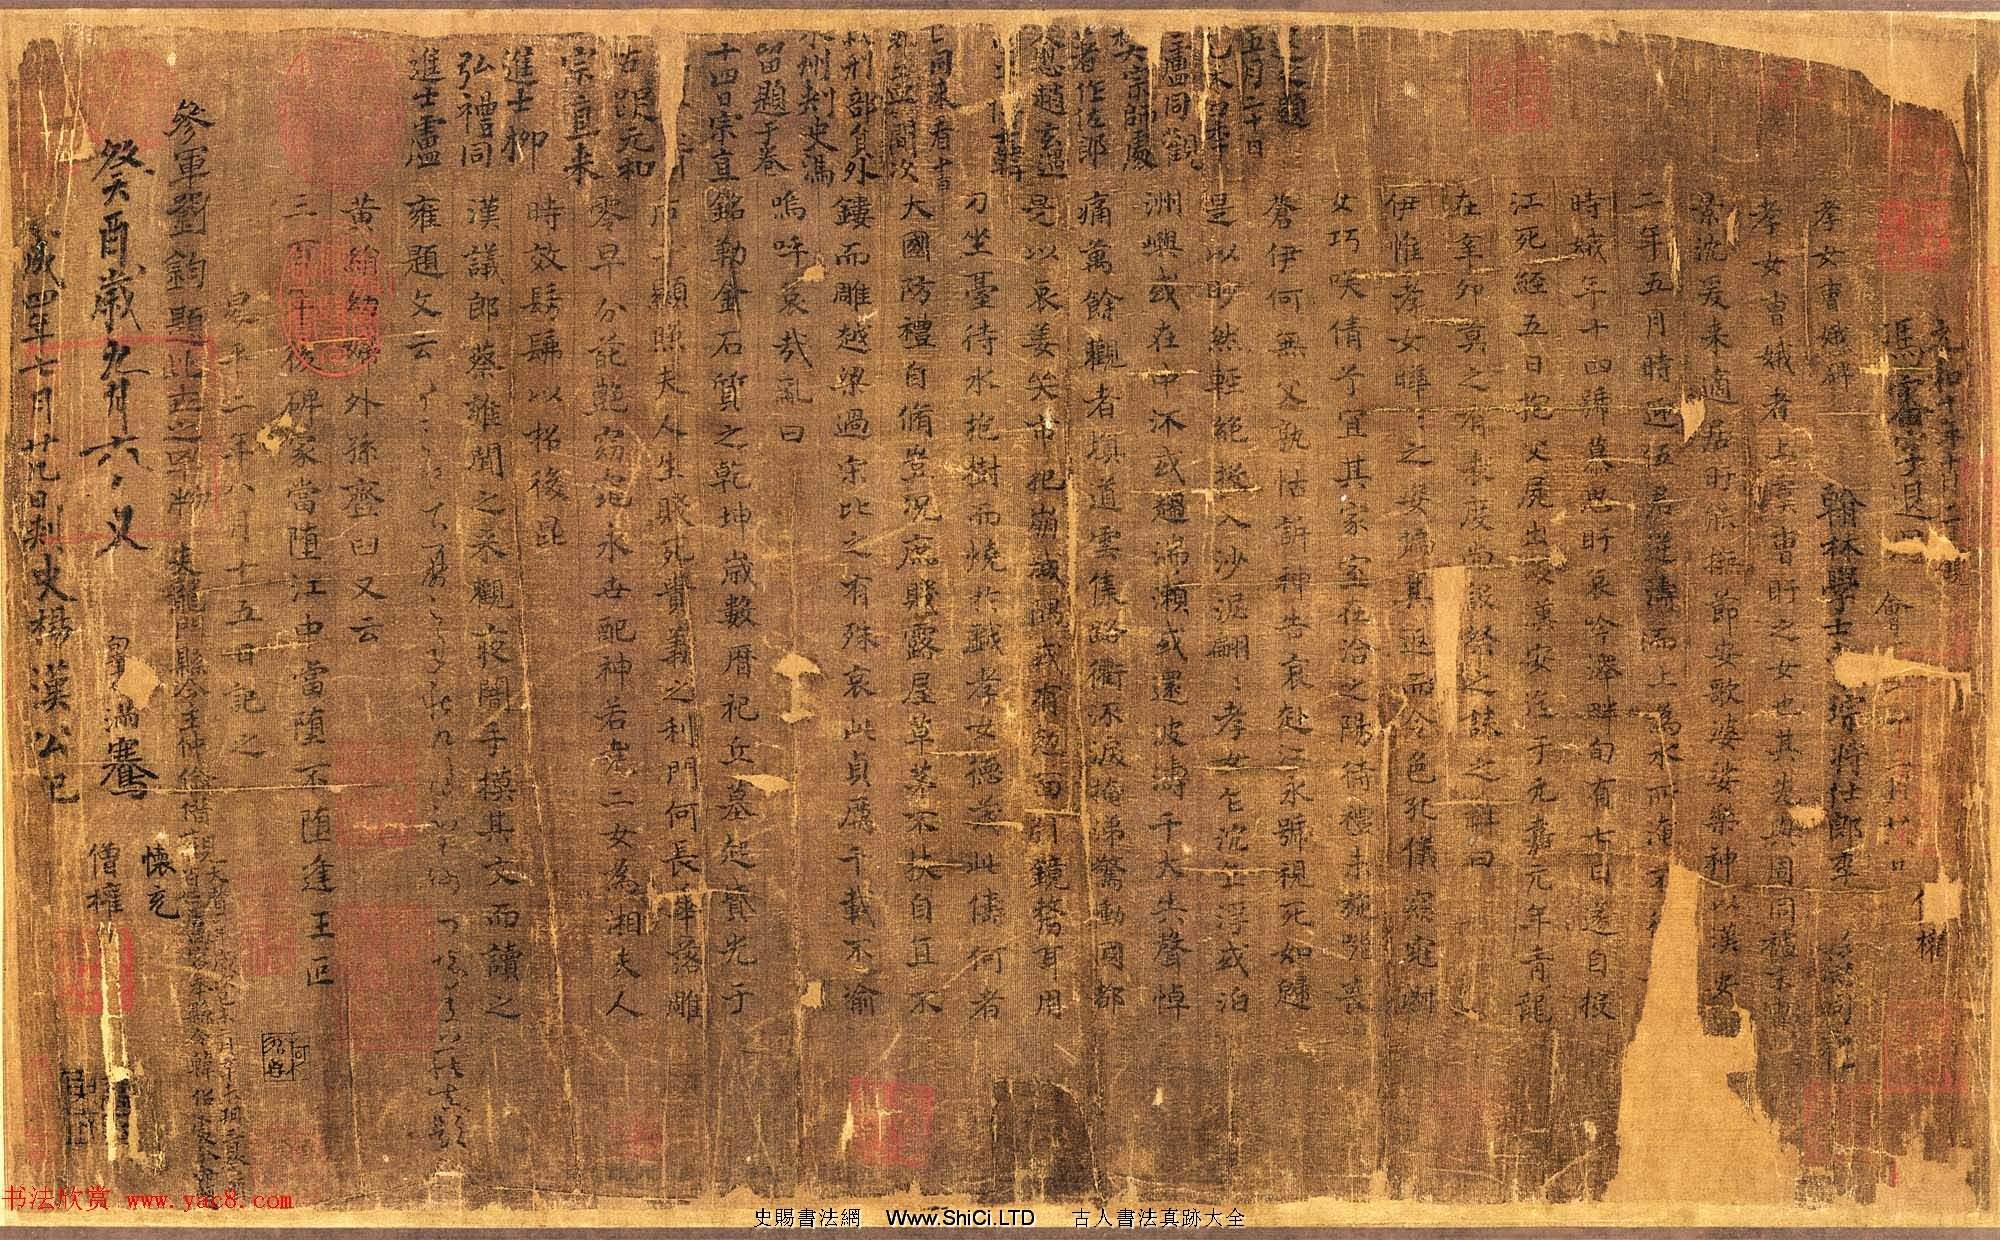 晉代書法真跡字帖《曹娥辭》卷中有懷素題字(共8張圖片)